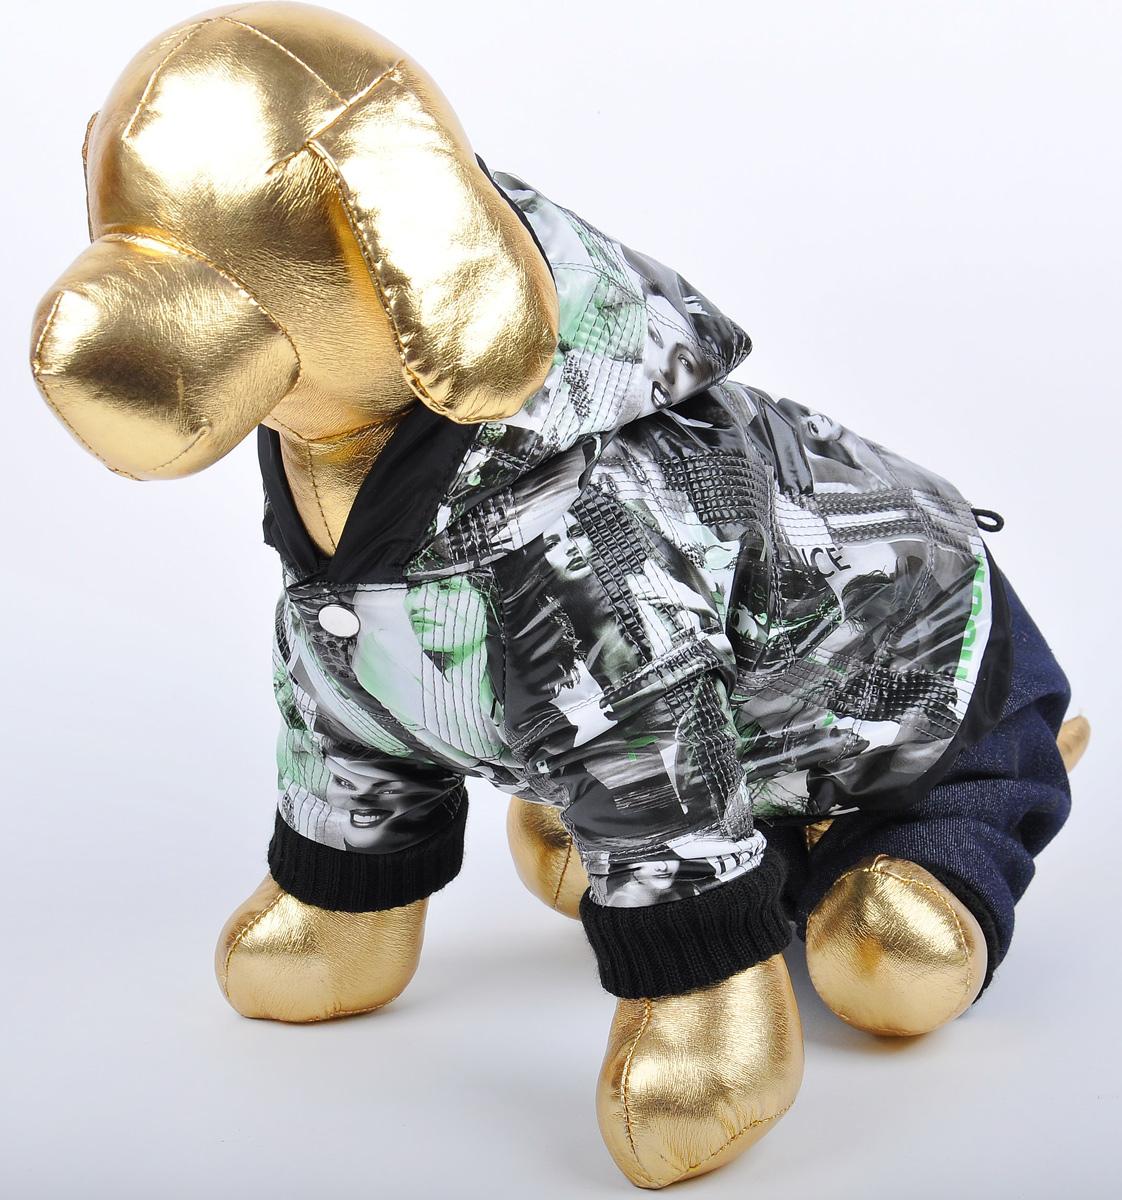 Куртка со штанами для собак GLG Столица. Размер XS12171996Куртка с джинсовыми штанами для собак столица, материал куртка болонья, штаны джинса х/б, размер-XS, длина спины19-21см, объем груди-26-28см.